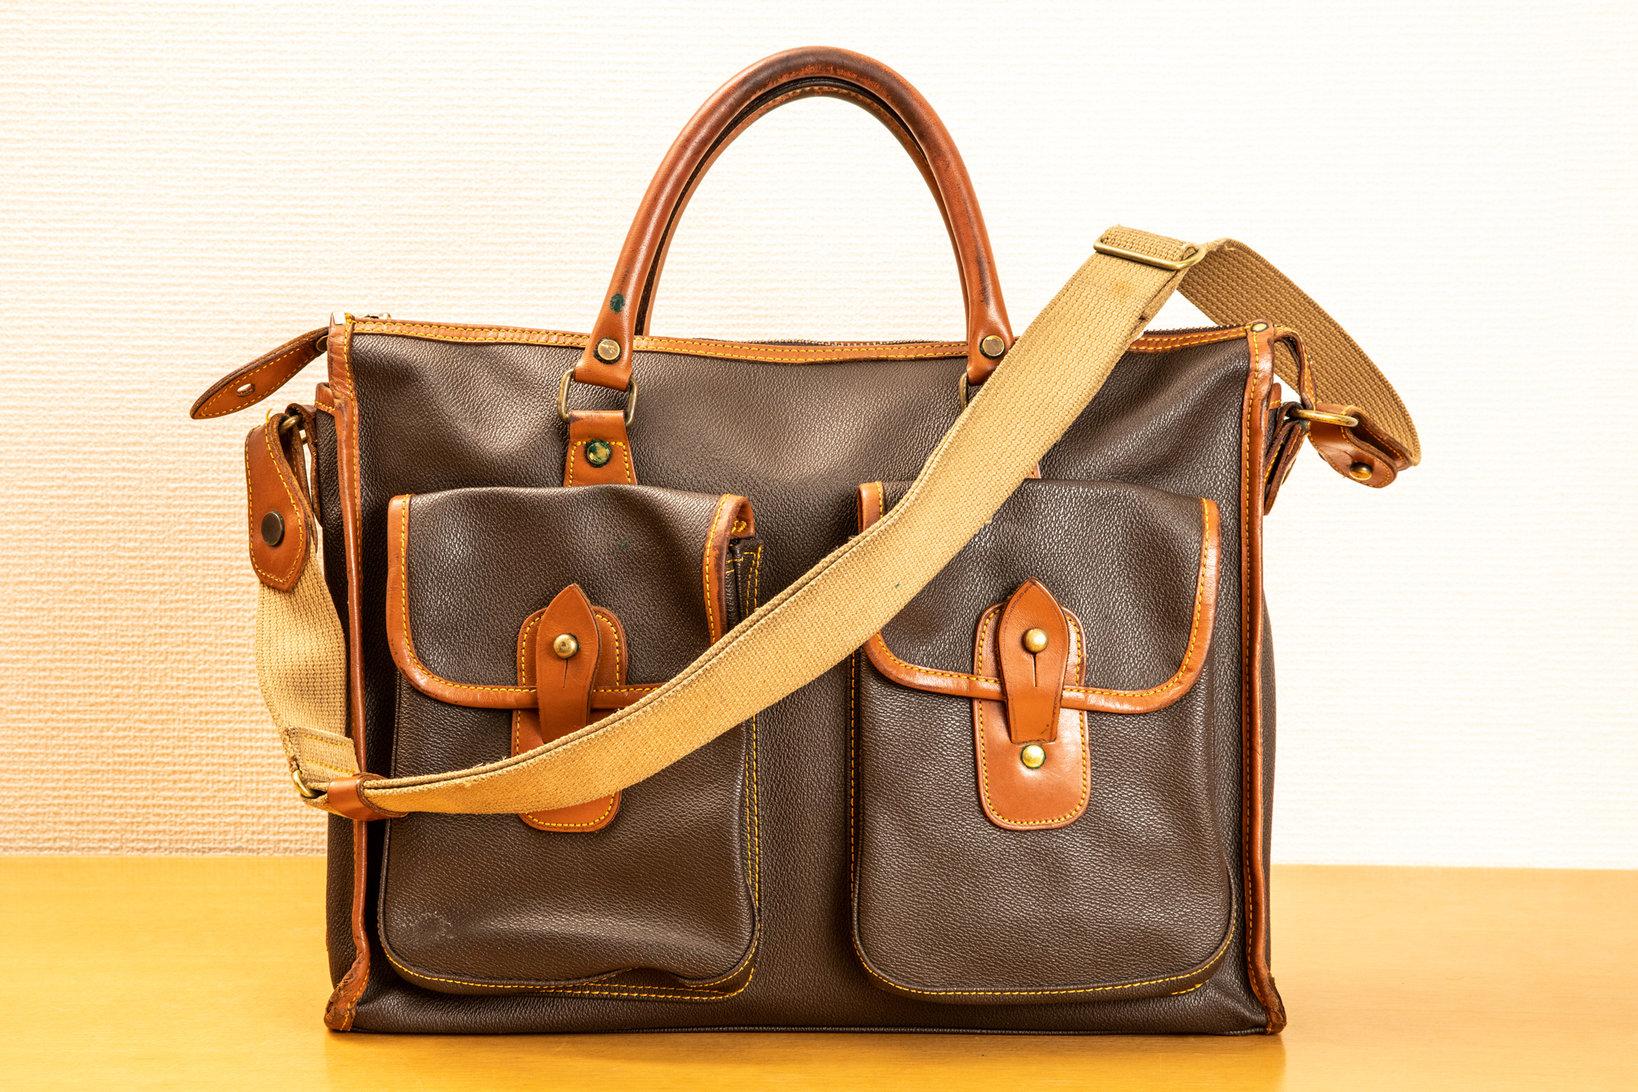 テイジンメンズショップで販売されていた、吉田カバン製のビジネスバッグ。PVC素材で作られているので耐久性は高い。